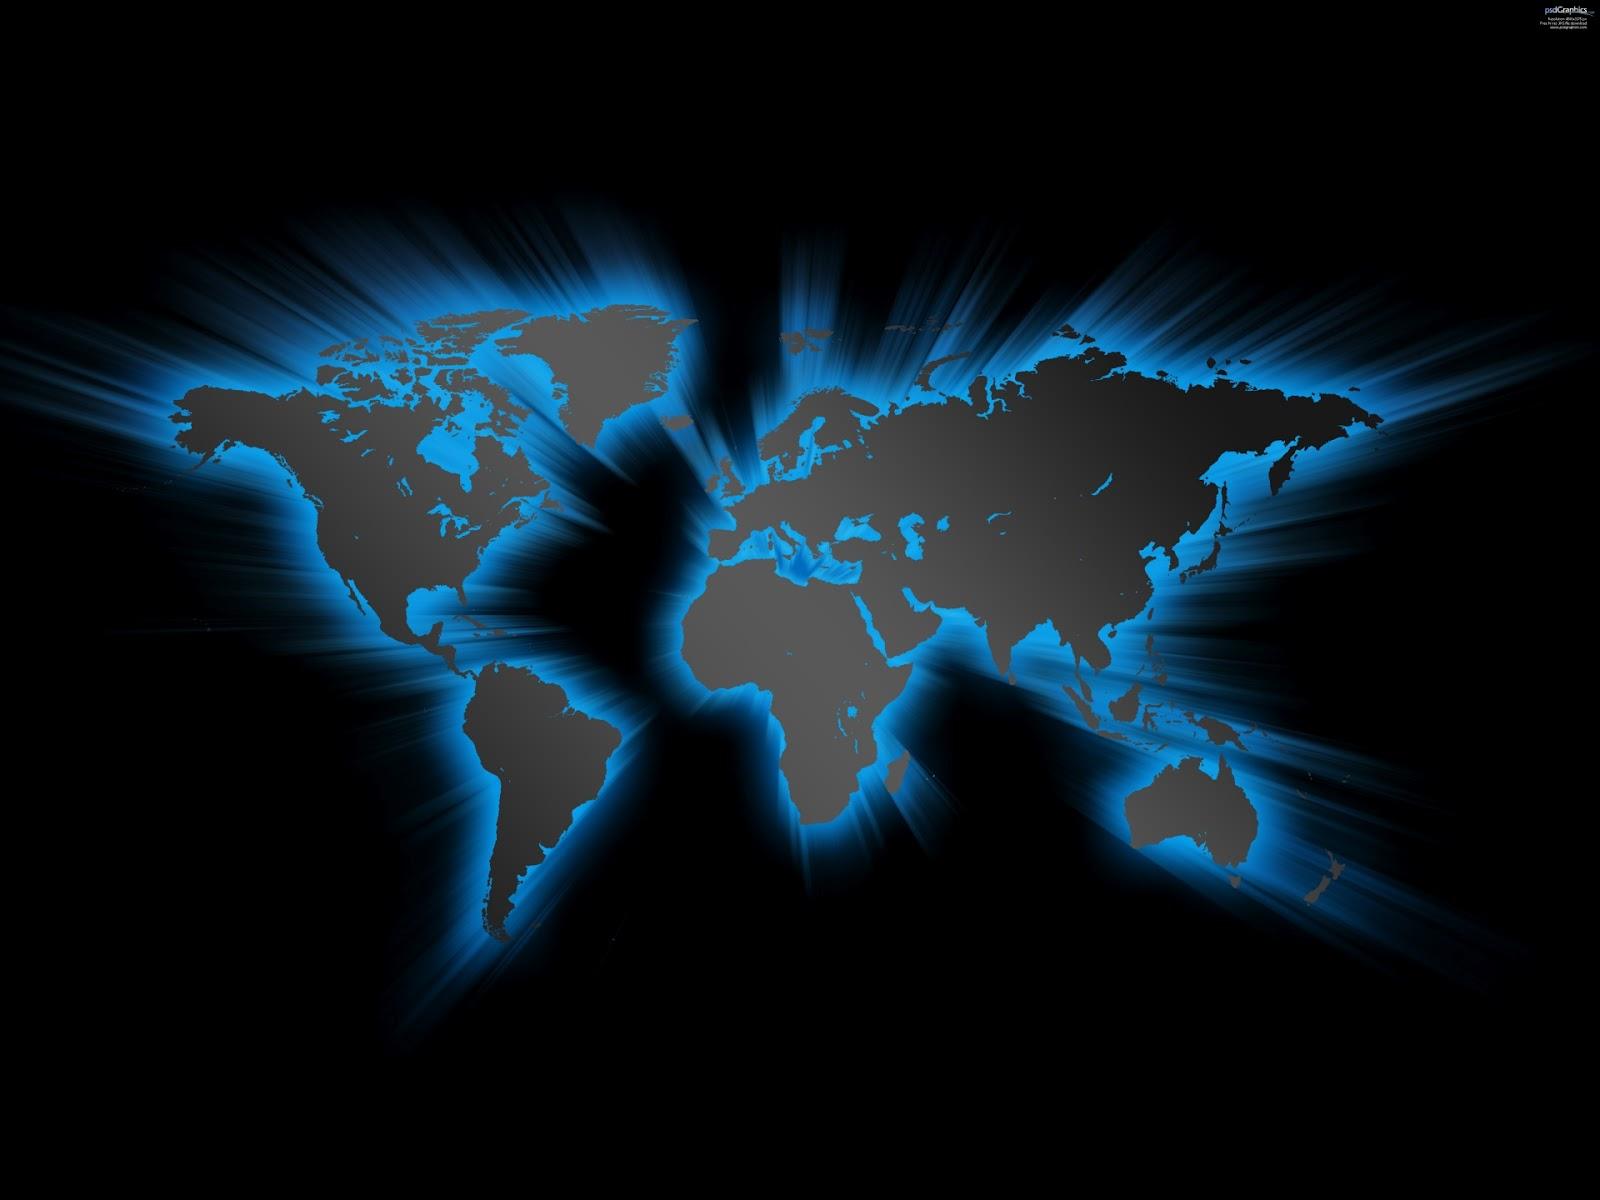 http://4.bp.blogspot.com/-X2awoY7EagE/UDYl_iTs6gI/AAAAAAAAFdI/Ukxm0Rtd2iI/s1600/ws_Earth_1920x1200.jpg